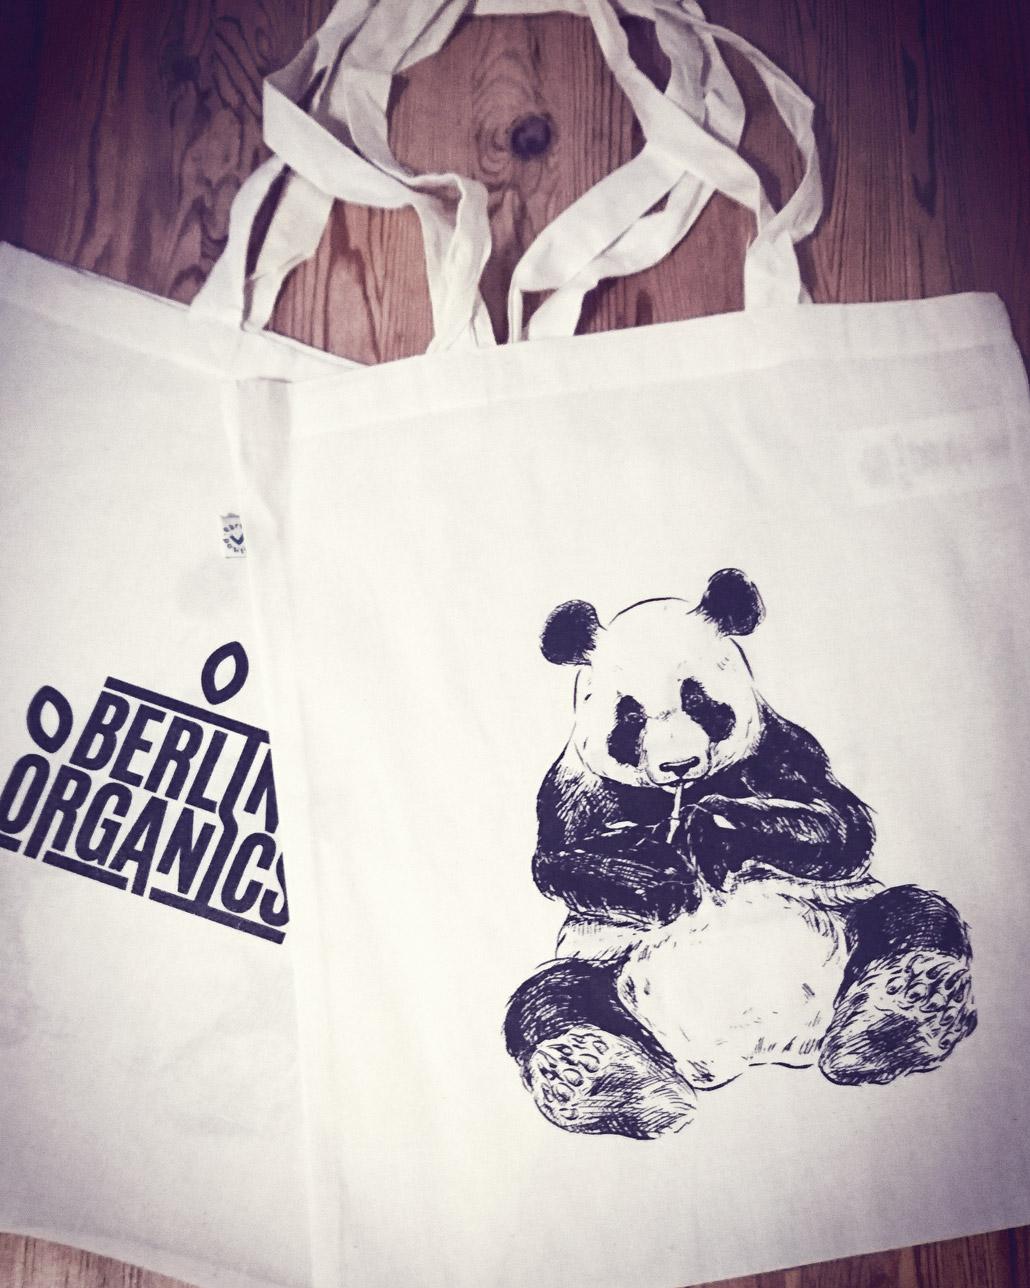 Berlin Organics Pandatasche